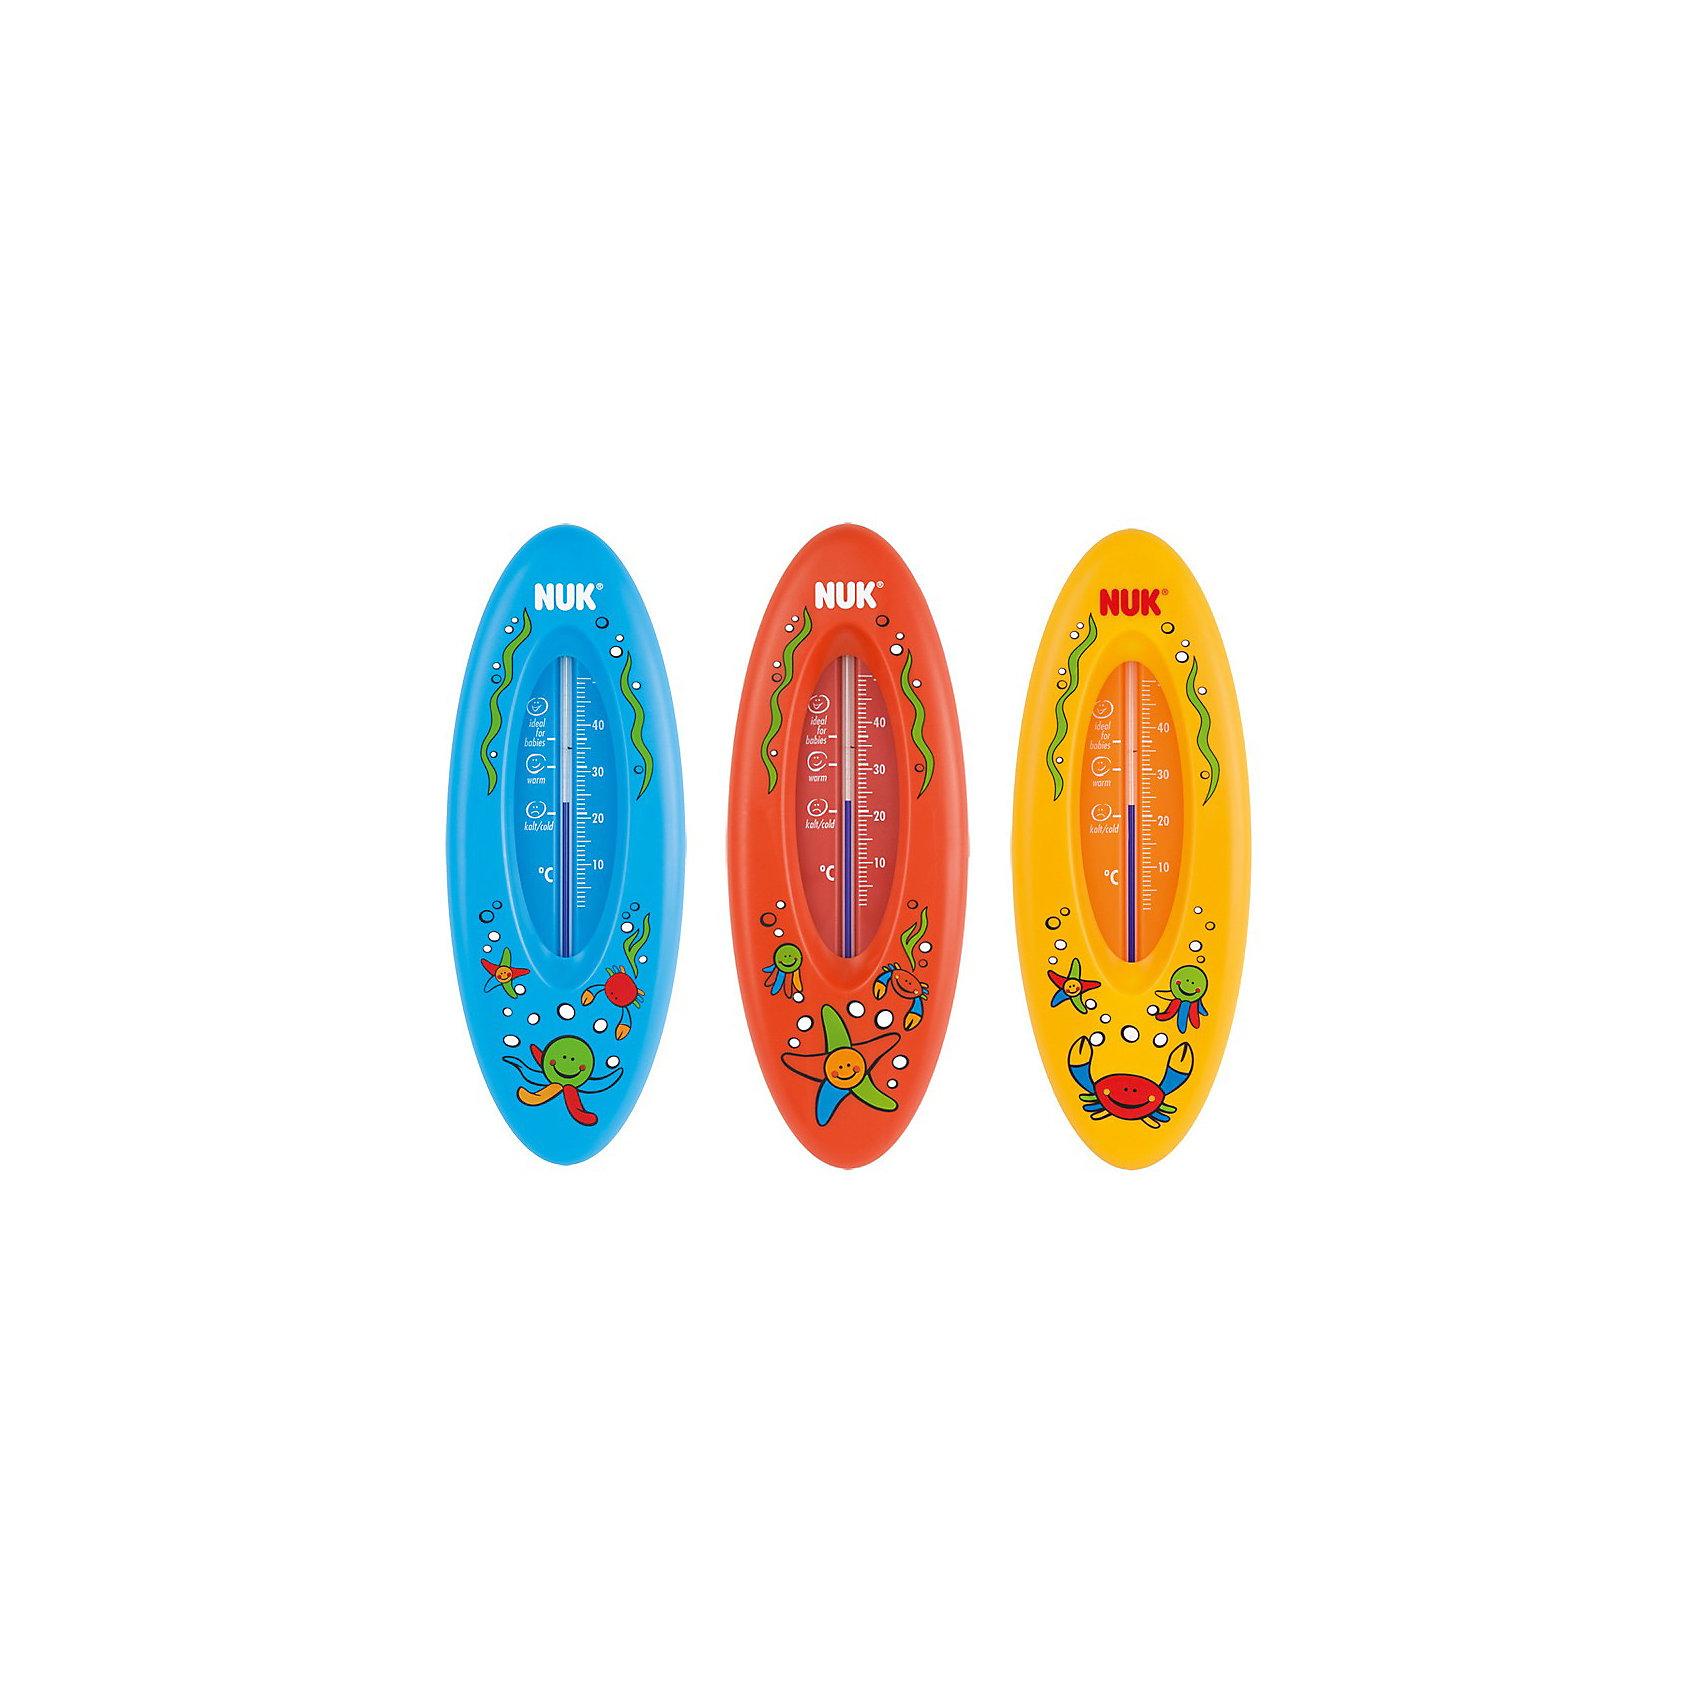 Термометр для ванной, NUK, ОкеанНесоотнесенные<br>Удобный и точный термометр для ванной. Жидкость в термометре изготовлена из натурального рапсового масла, не содержит ртуть, что обеспечивает его безопасное использование. <br><br>Дополнительная информация:<br><br>- Материал: пластик, рапсовое масло.<br>- Цвет: голубой, красный, желтый. <br>- Размер: 6х16х1,5 см. <br>ВНИМАНИЕ! Данный артикул представлен в разных цветовых вариантах. К сожалению, заранее выбрать определенный цвет невозможно. При заказе нескольких термометров возможно получение одинаковых.<br><br>Термометр для ванной, NUK (Нук), Океан можно купить в нашем магазине.<br><br>Ширина мм: 190<br>Глубина мм: 116<br>Высота мм: 17<br>Вес г: 45<br>Возраст от месяцев: 0<br>Возраст до месяцев: 1164<br>Пол: Унисекс<br>Возраст: Детский<br>SKU: 1575468